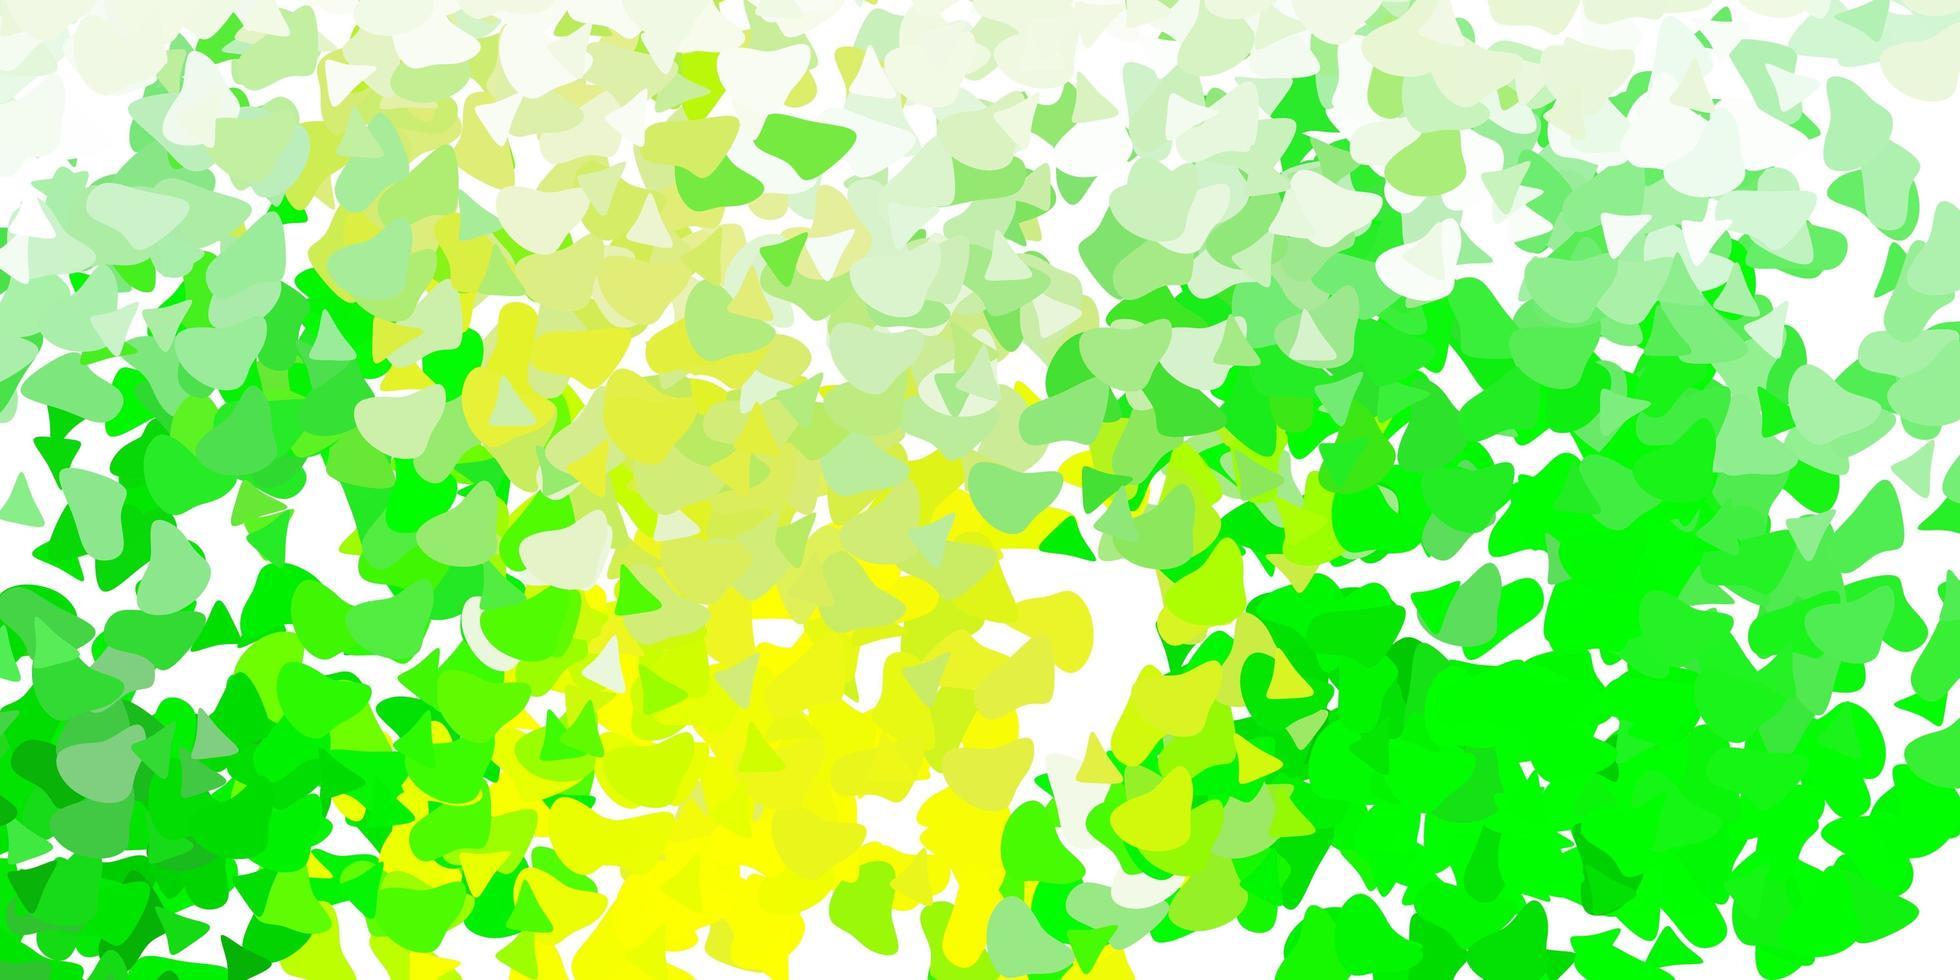 lichtgroene, gele vectortextuur met Memphis-vormen. vector